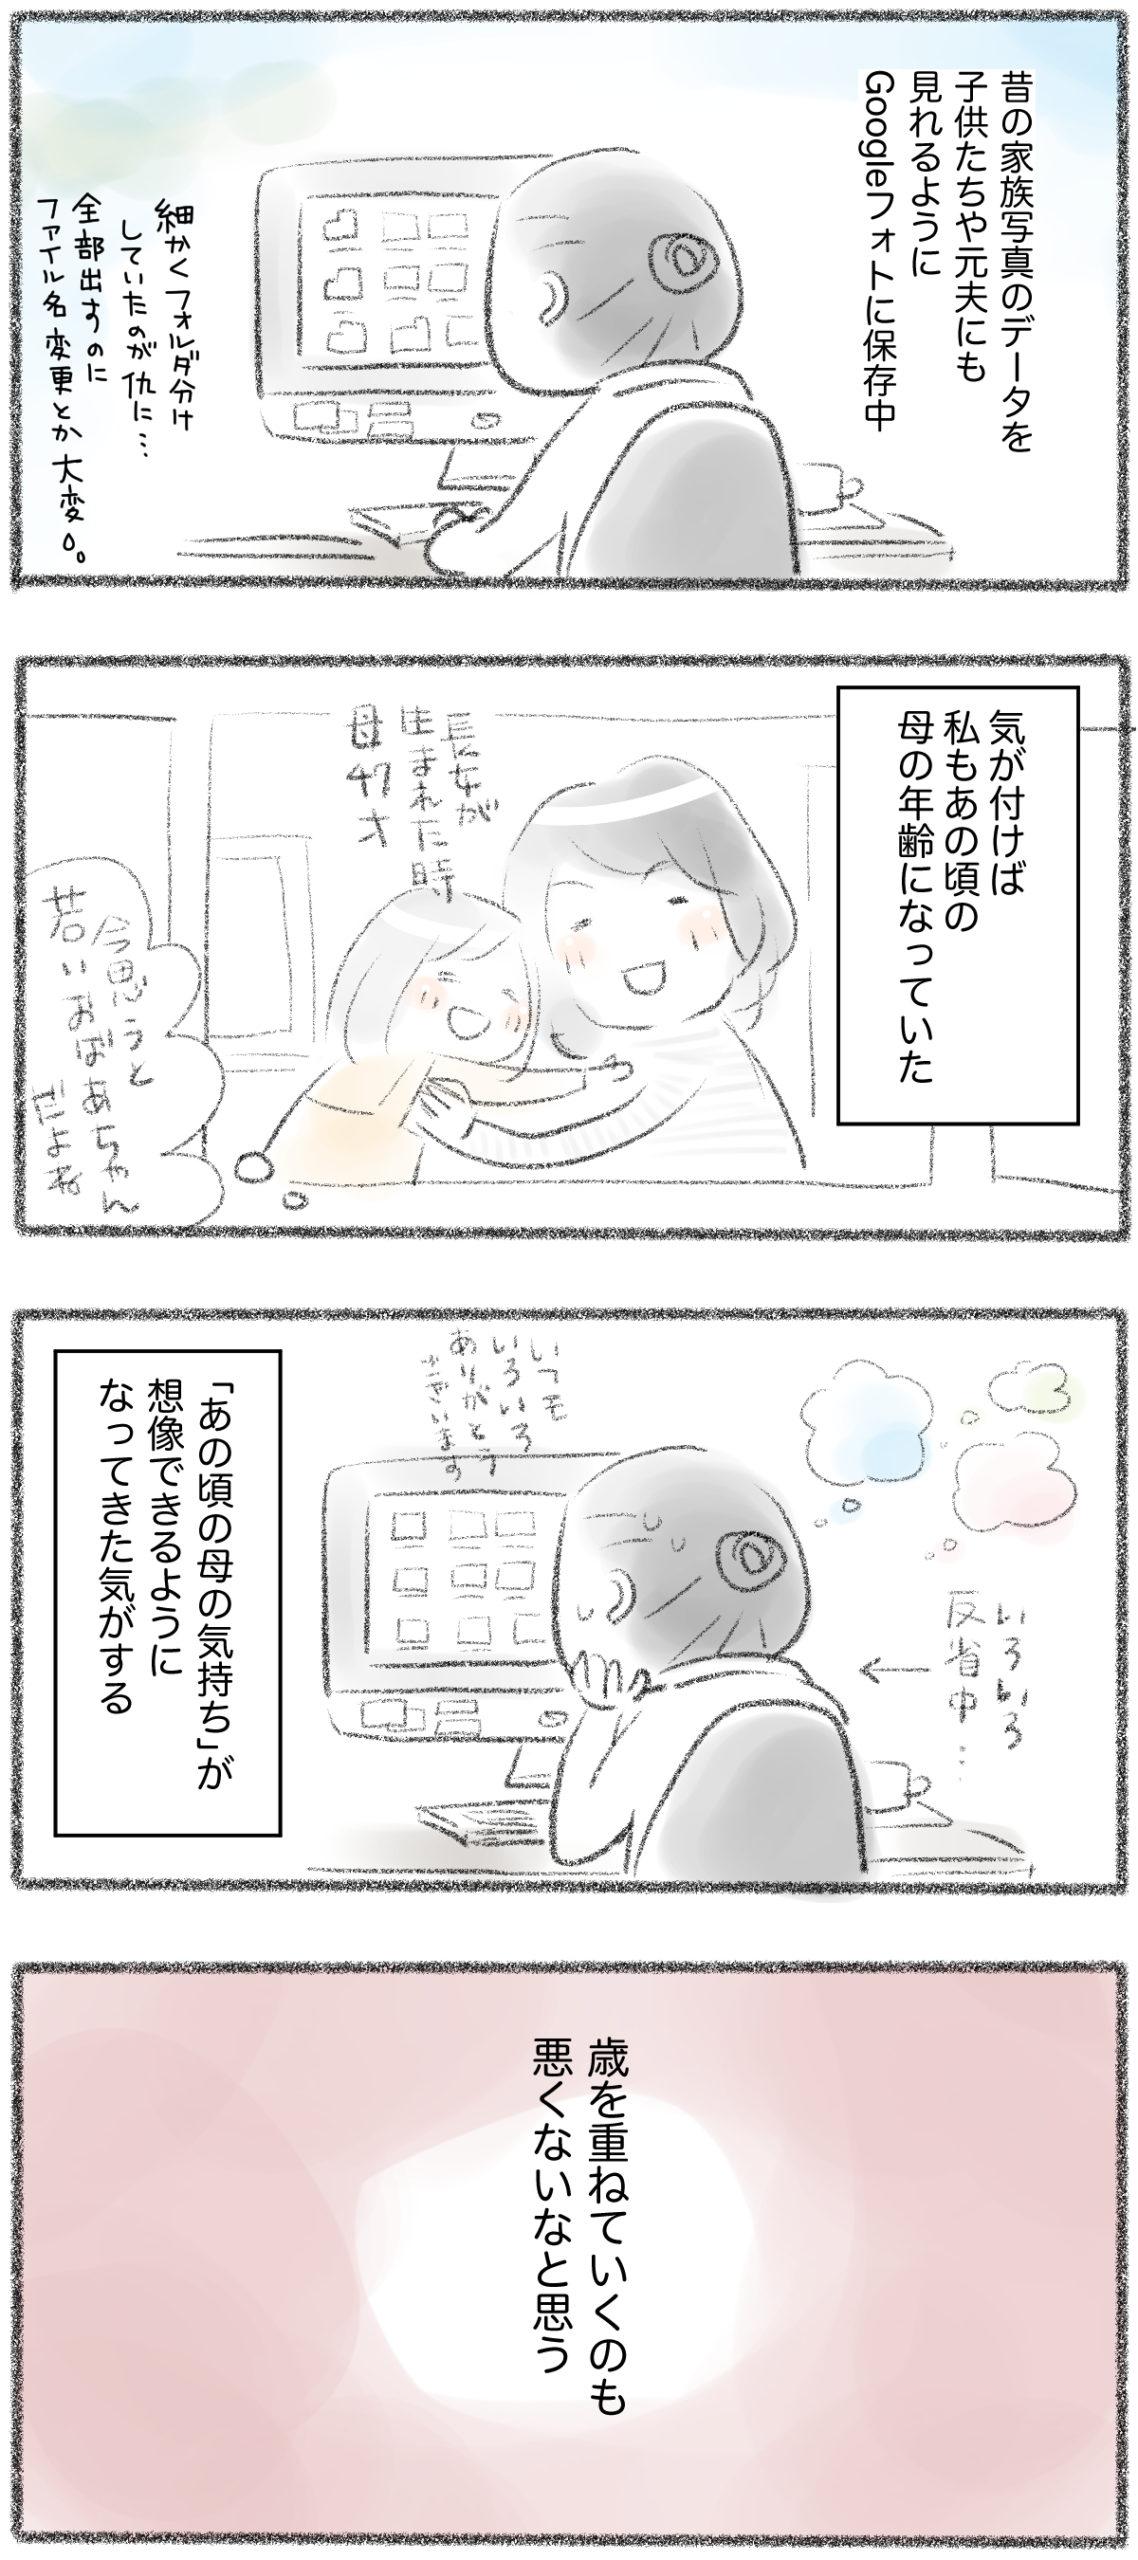 【マンガ】母の年に近づく